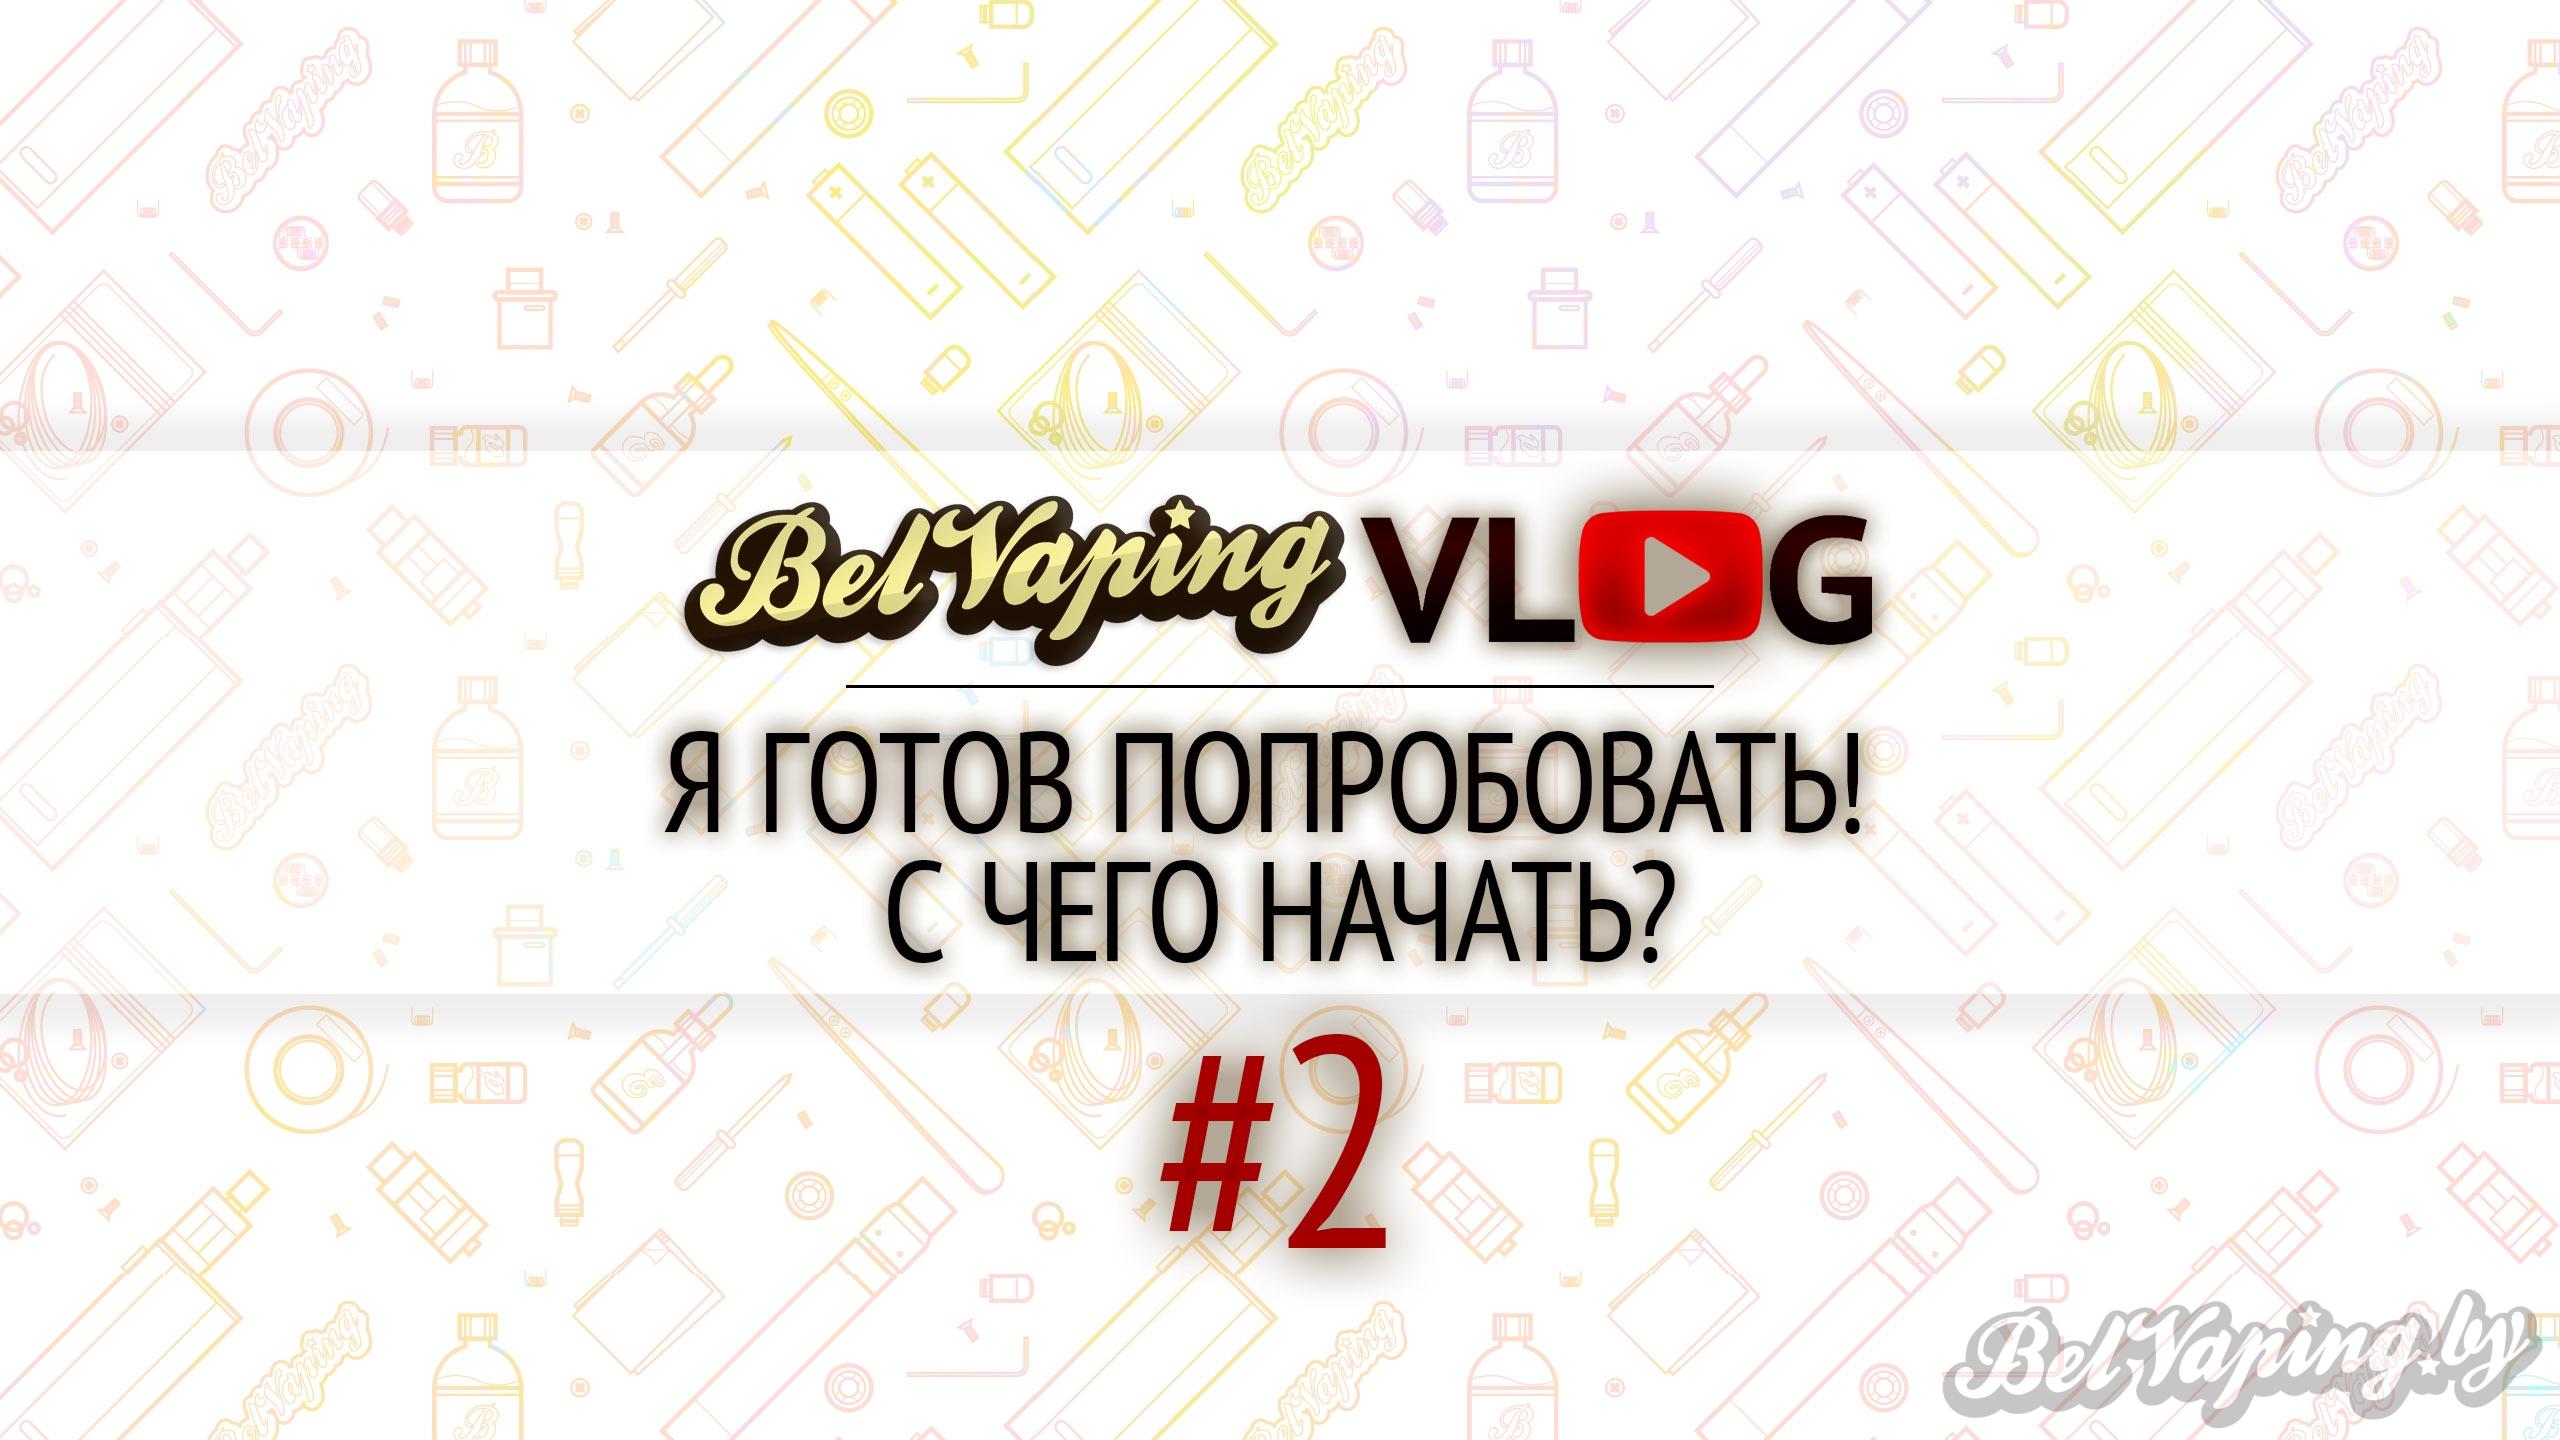 BelVapingVlog #2 Я готов попробовать! С чего начать?